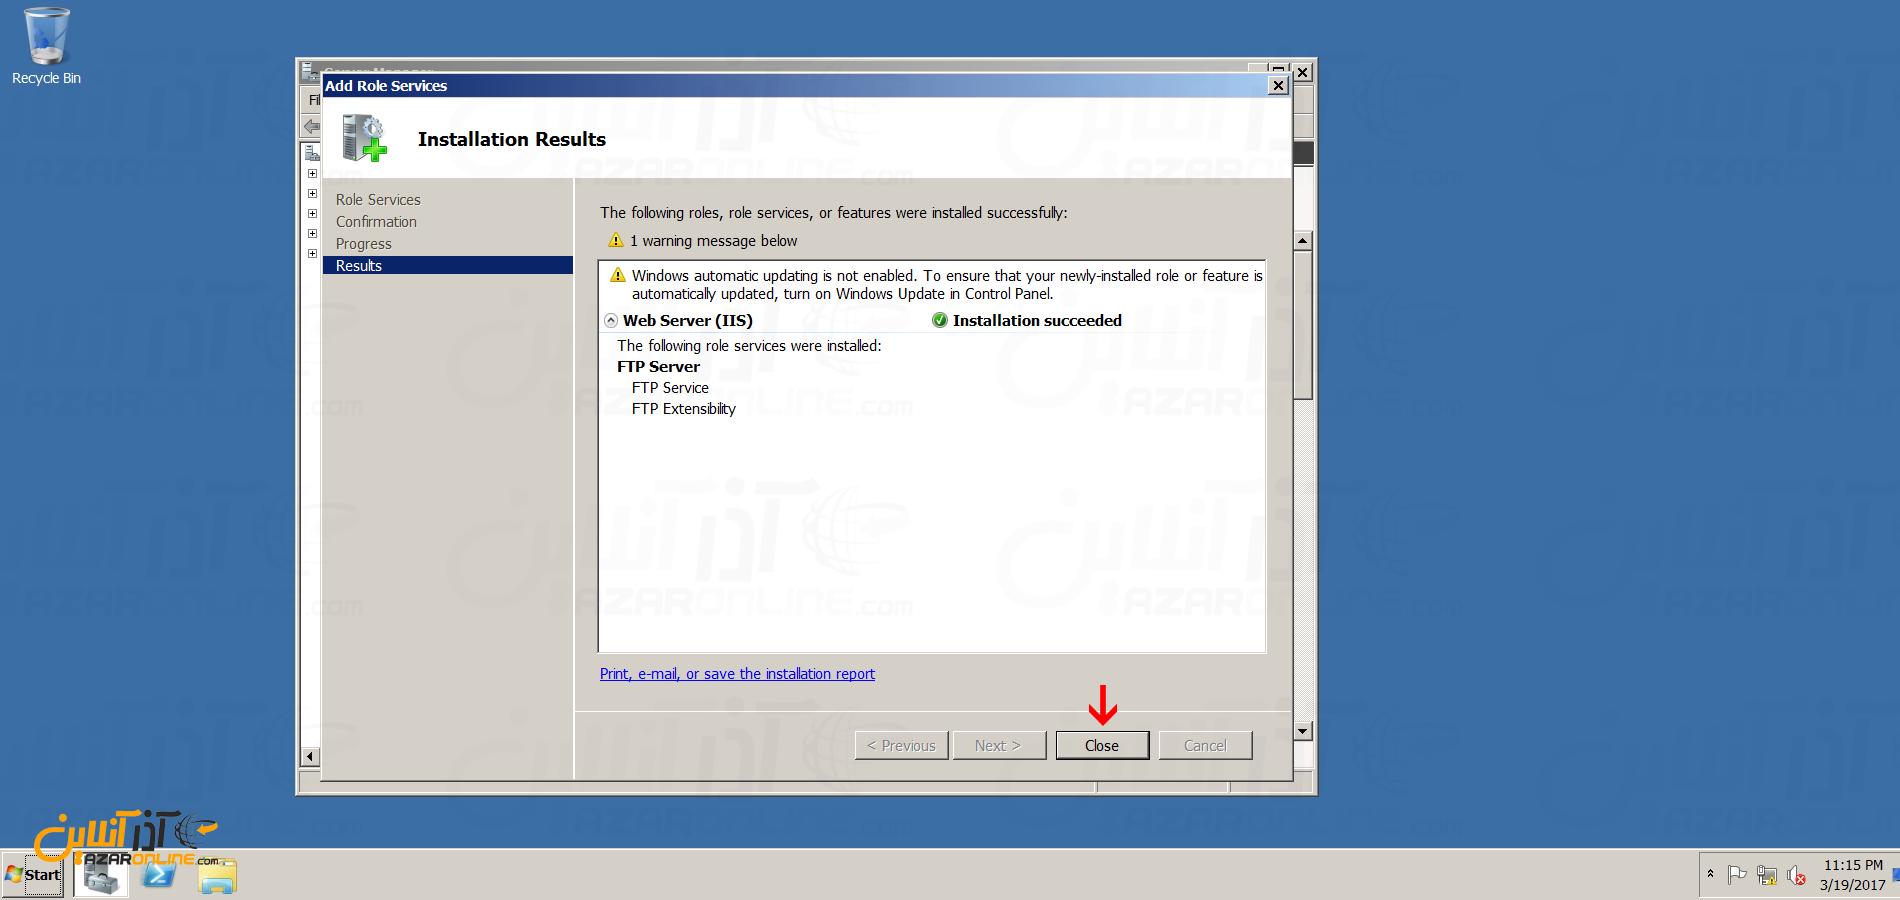 نصب FTP سرور در ویندوز سرور 2008 - اتمام نصب FTP